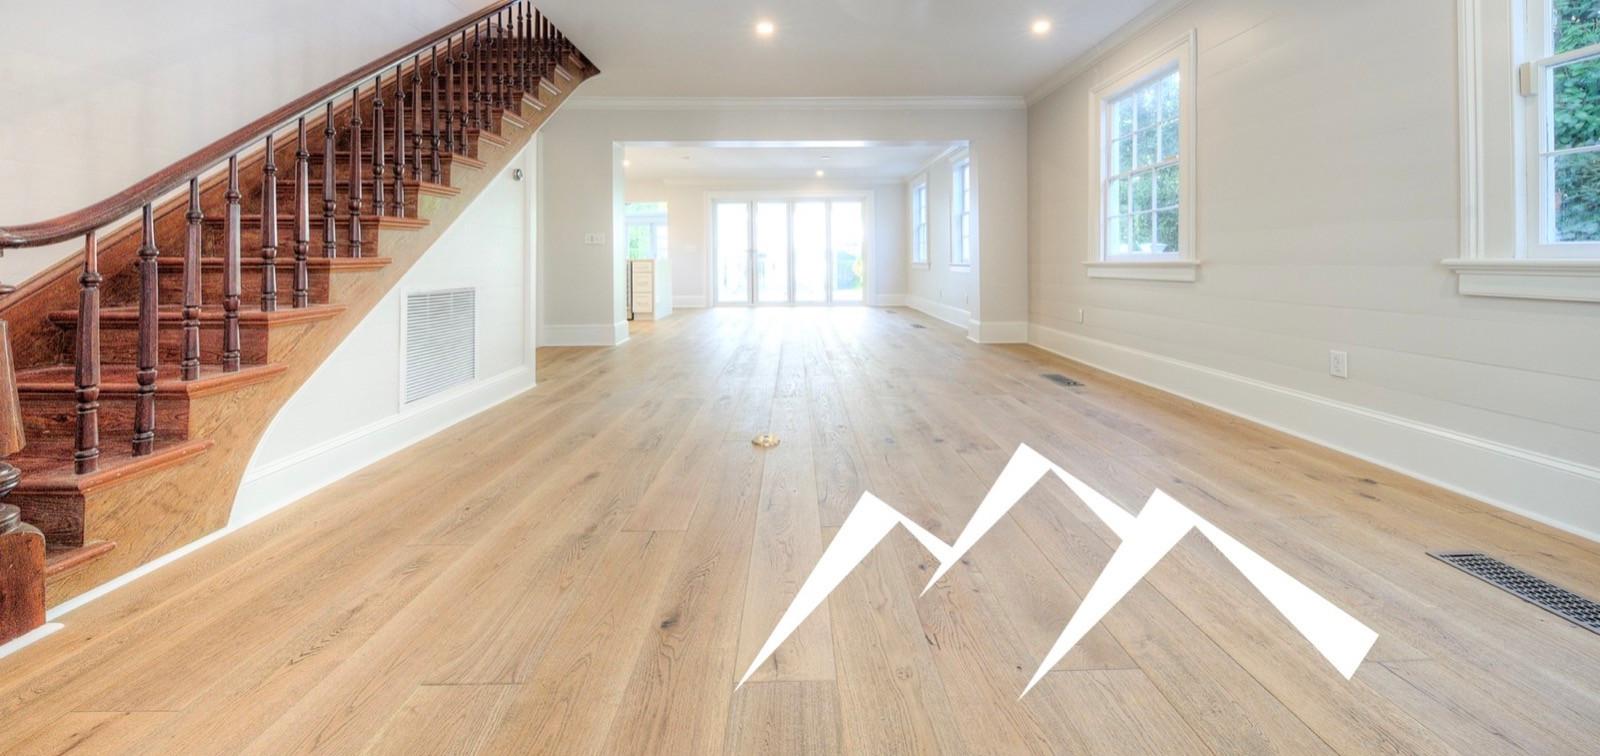 Prefinished Hardwood Flooring Blue Ridge Floors